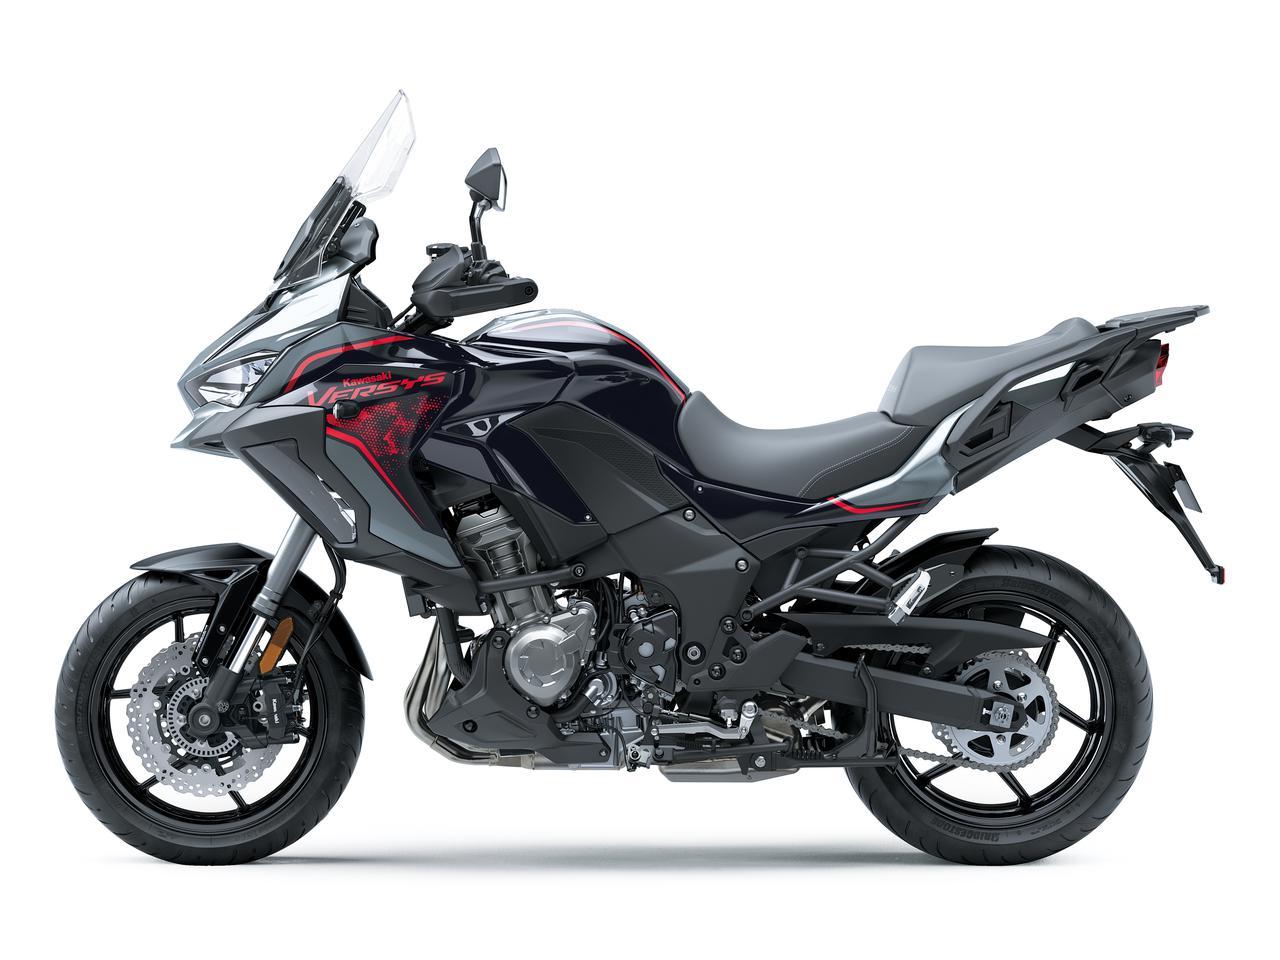 Images : 3番目の画像 - 写真をもっと見る! カワサキ「ヴェルシス1000SE」(2021年モデル・欧州仕様車) - LAWRENCE - Motorcycle x Cars + α = Your Life.